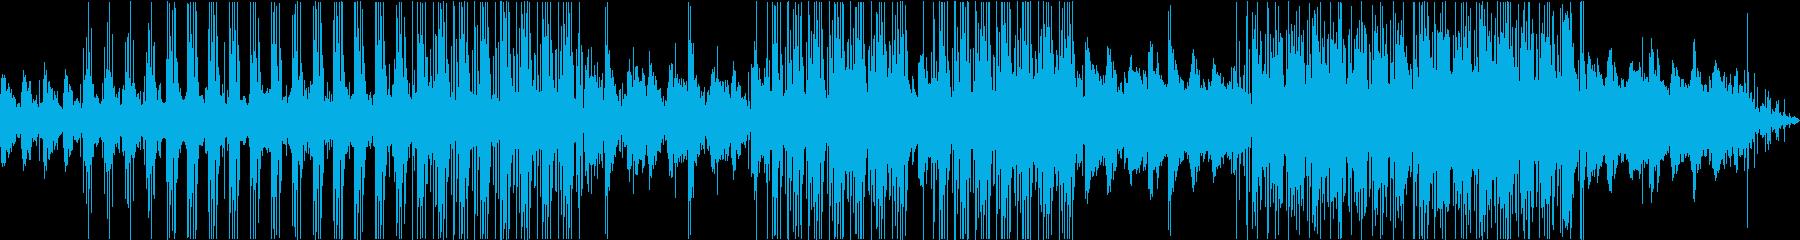 レトロ・ブルージーでチルLoFiなBGMの再生済みの波形